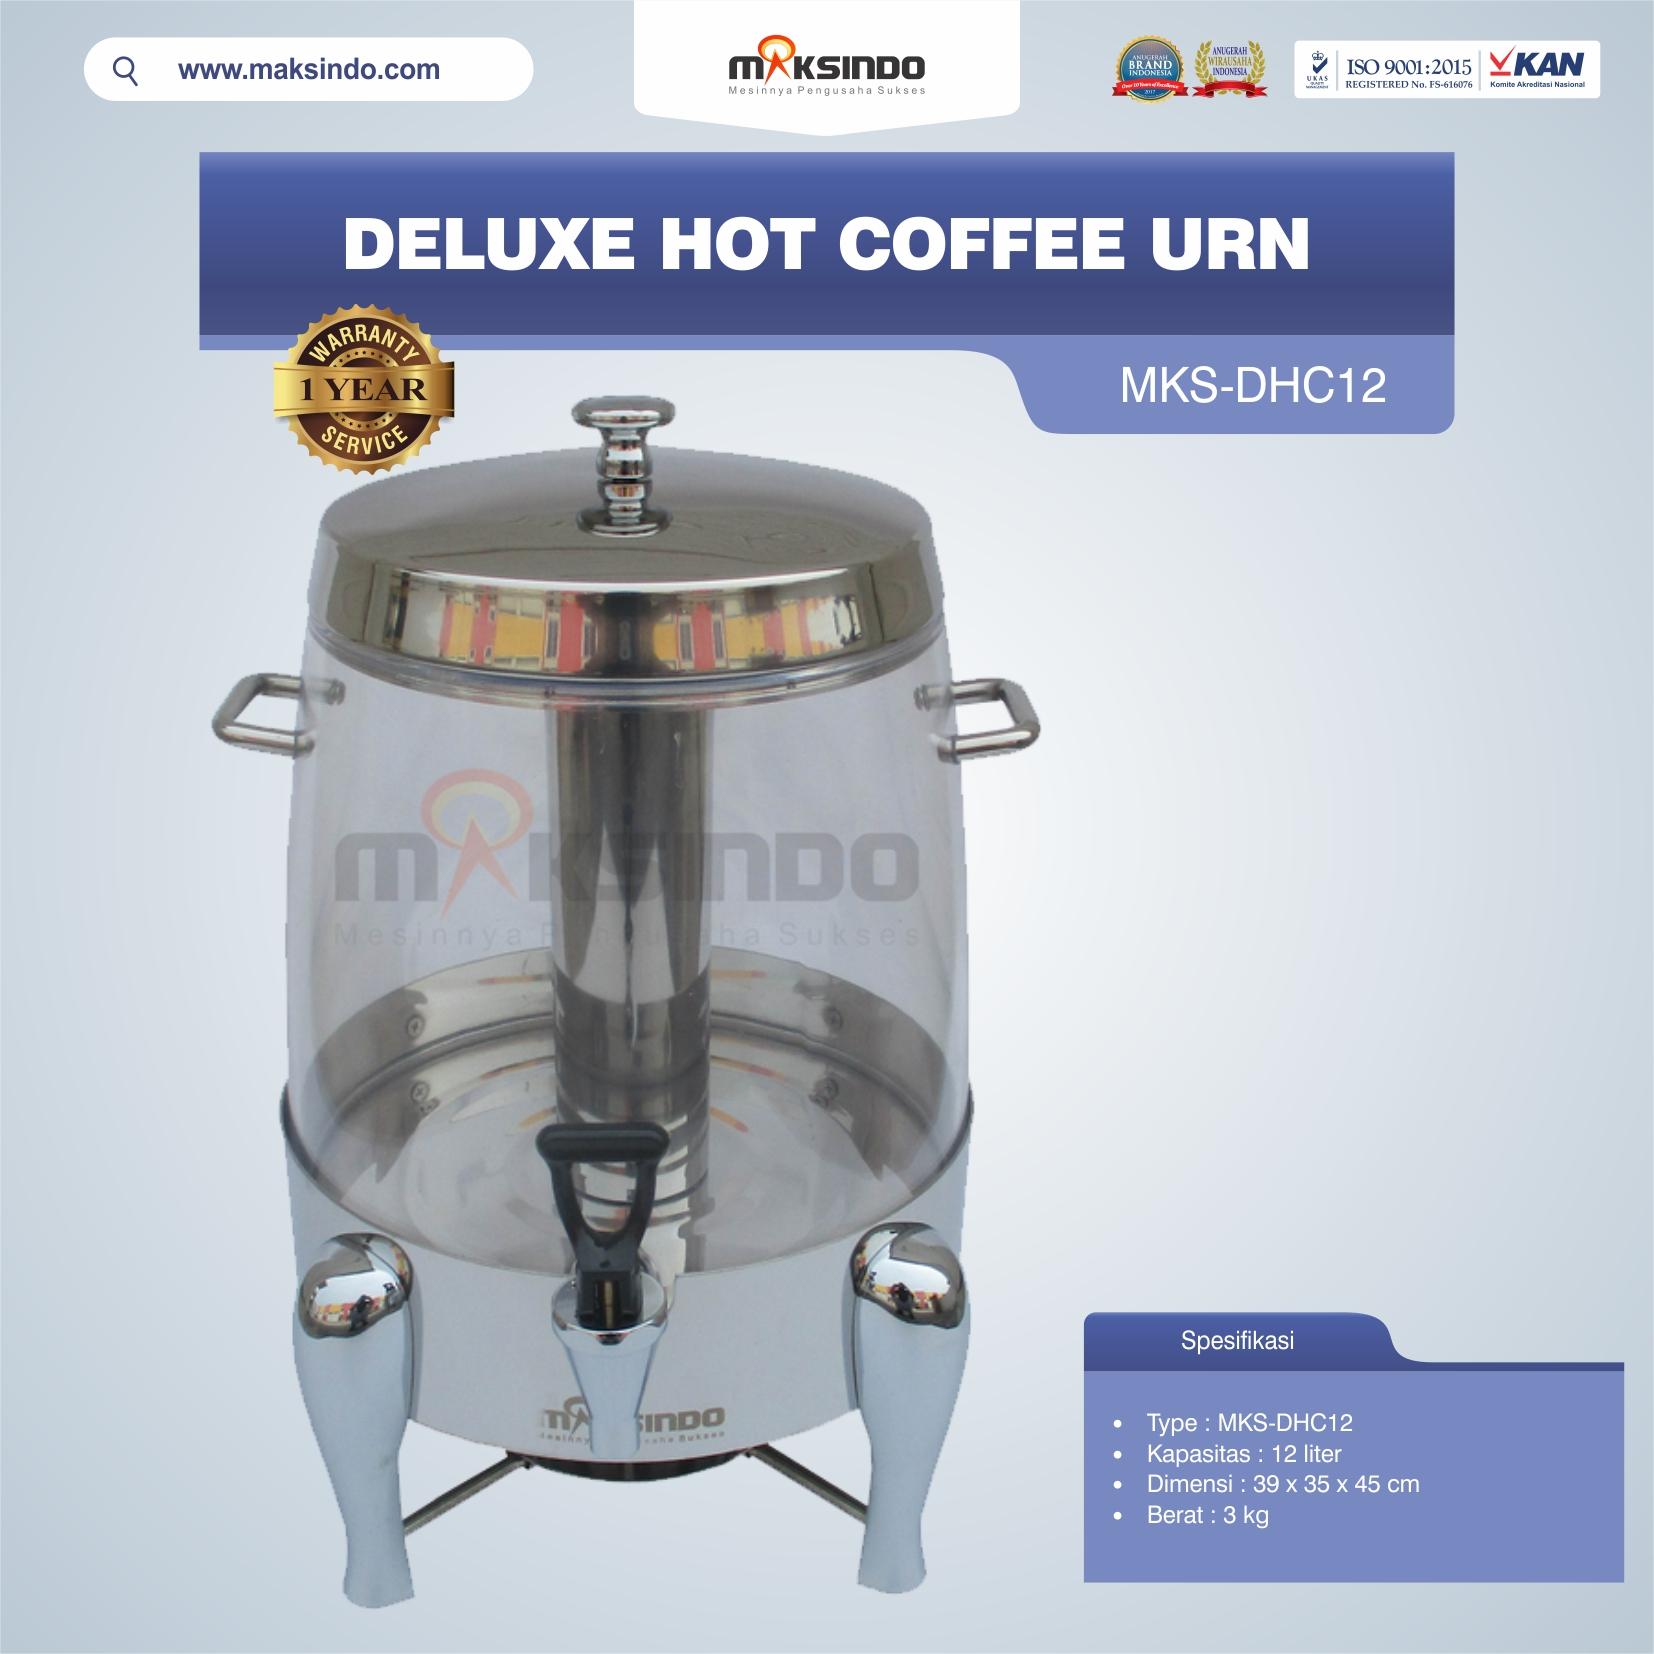 Jual Deluxe Hot Coffee Urn MKS-DHC12 di Mataram